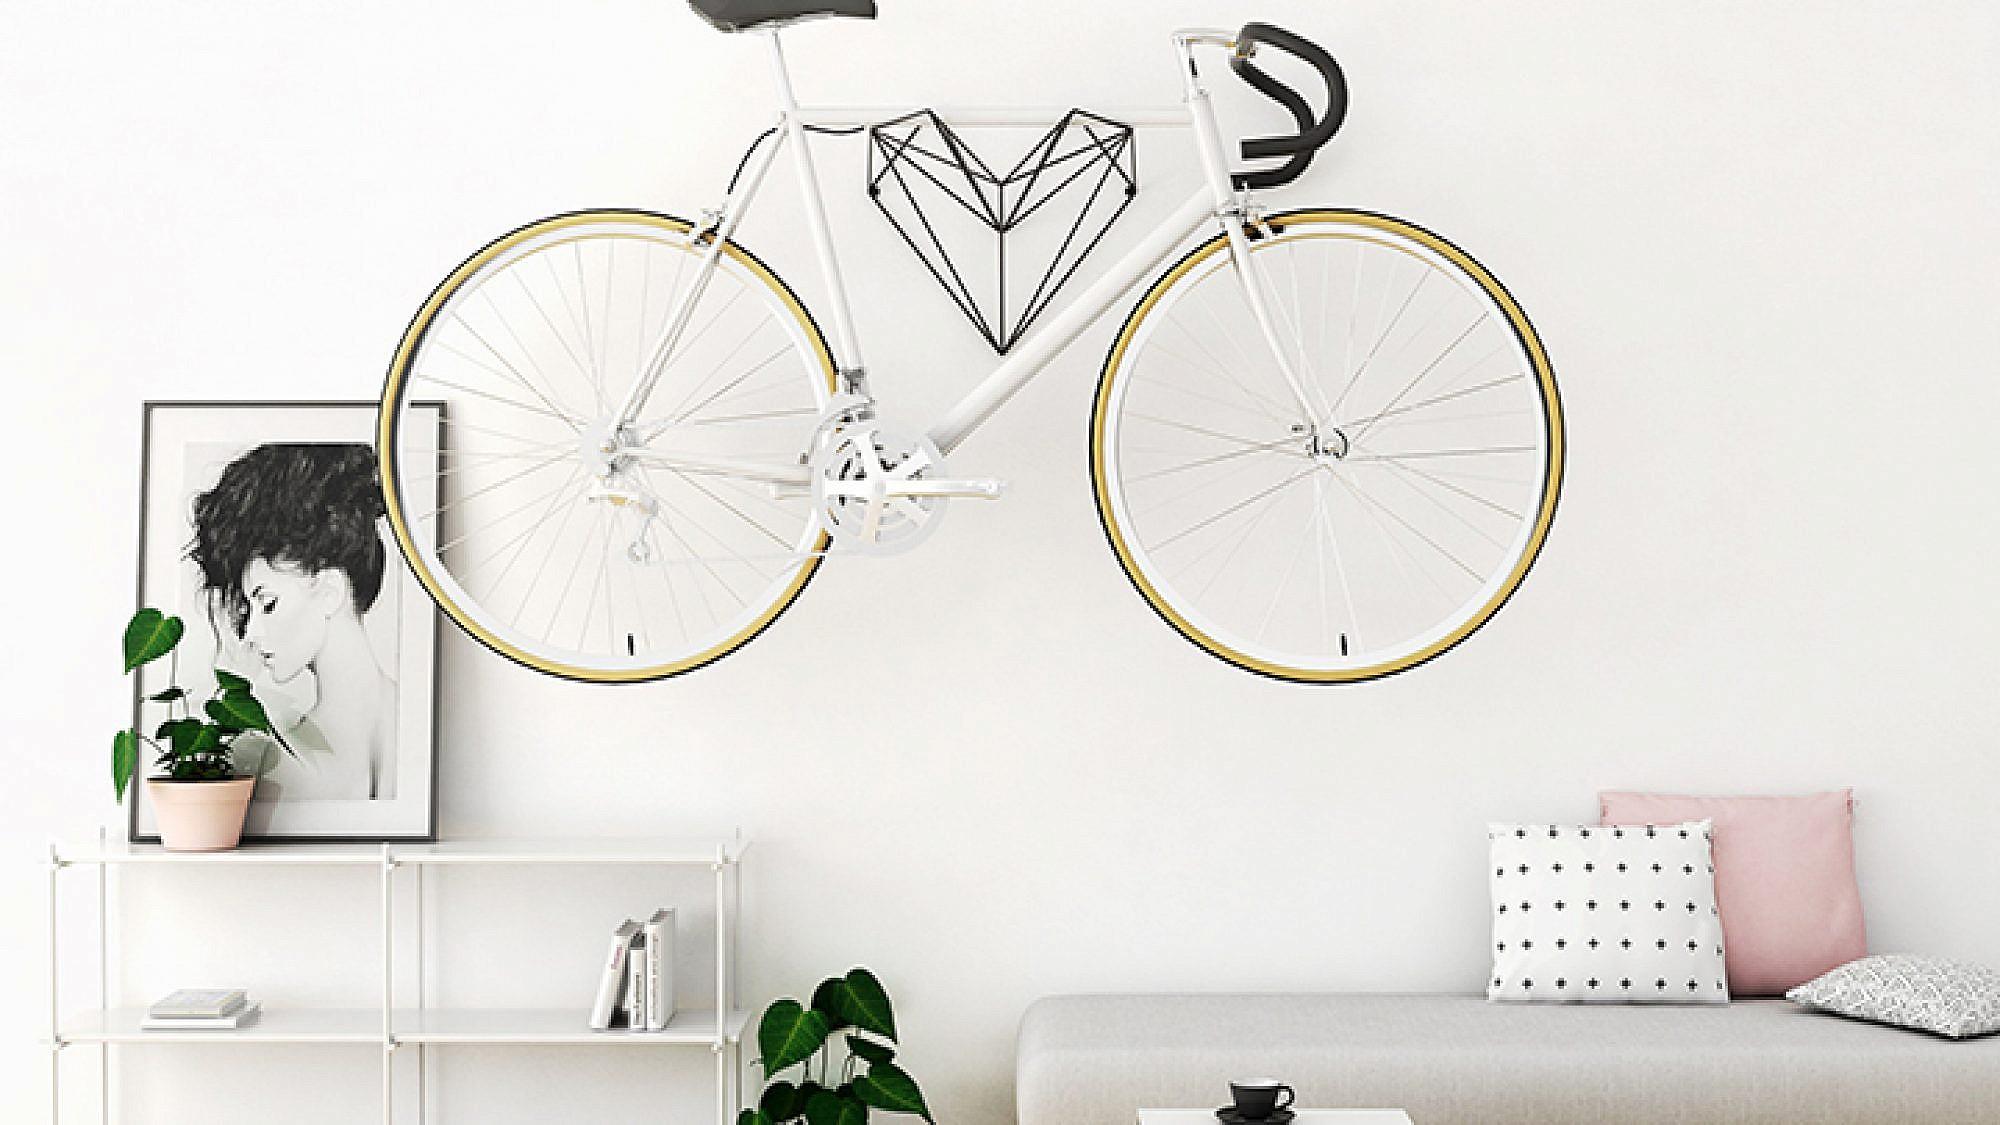 קישוט מדליק לסלון, עם או בלי אופניים | בעיצוב סטודיו Hang Bike